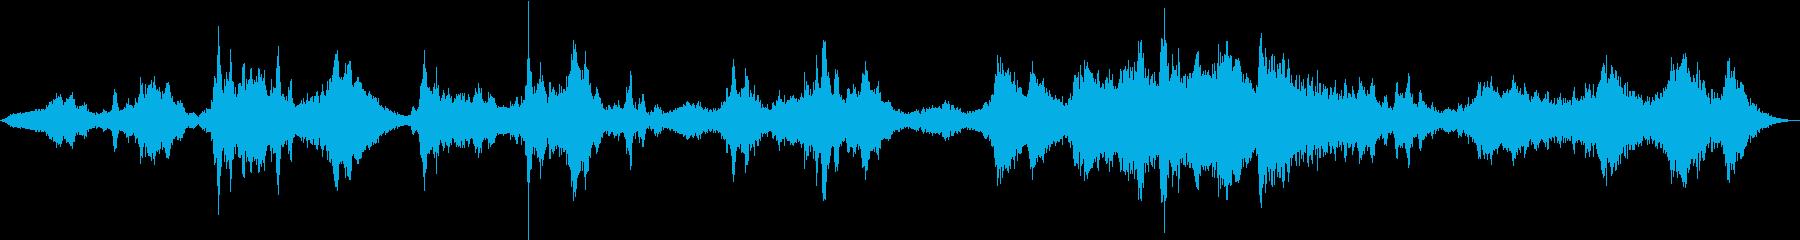 シェイプシフタースイープピッチ、オ...の再生済みの波形